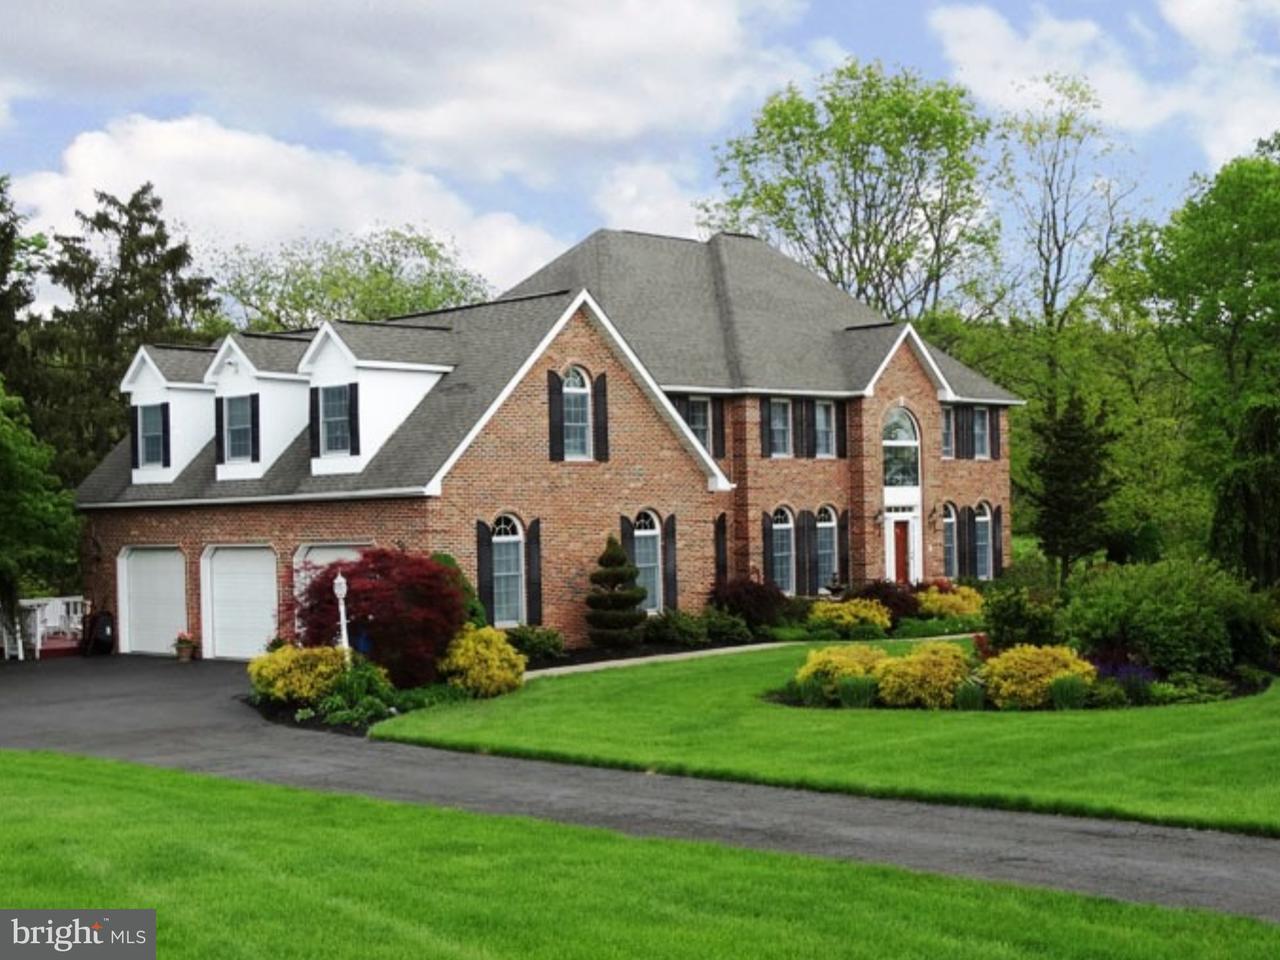 独户住宅 为 出租 在 14 DEVONSHIRE Drive 新希望镇, 宾夕法尼亚州 18938 美国在/周边: Solebury Township